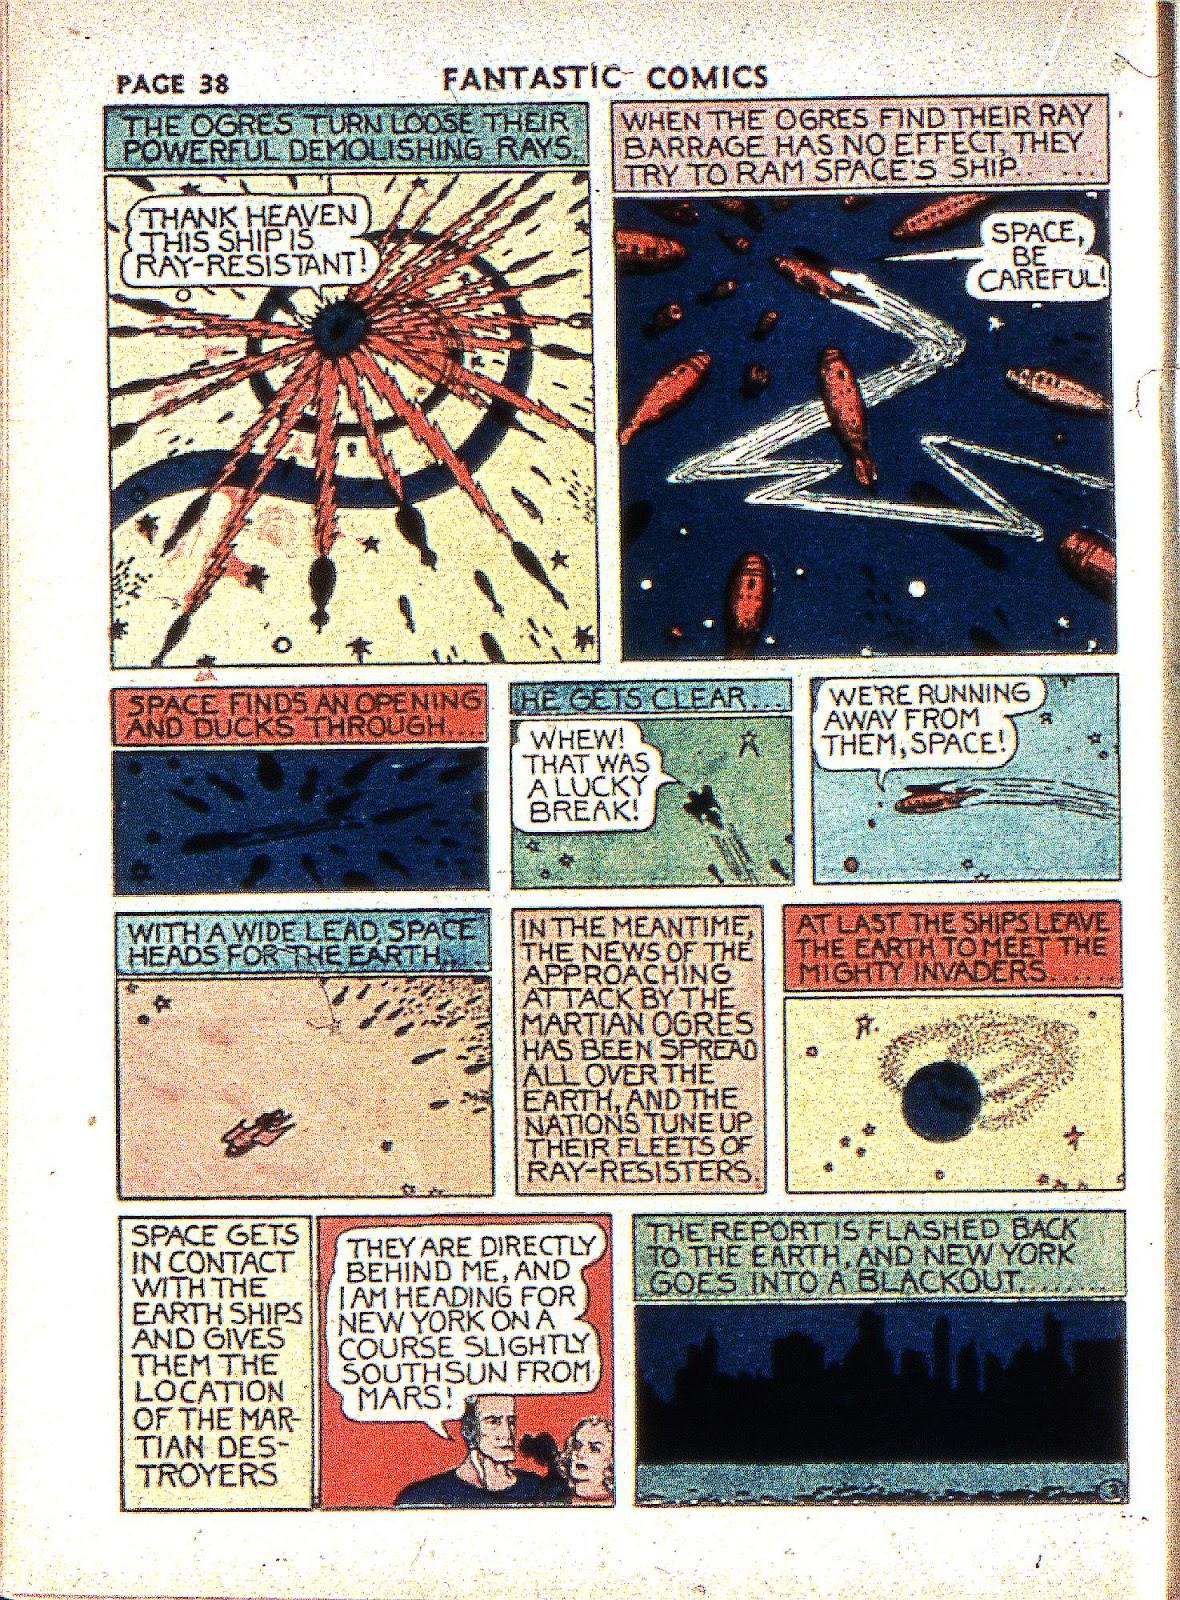 Read online Fantastic Comics comic -  Issue #2 - 39